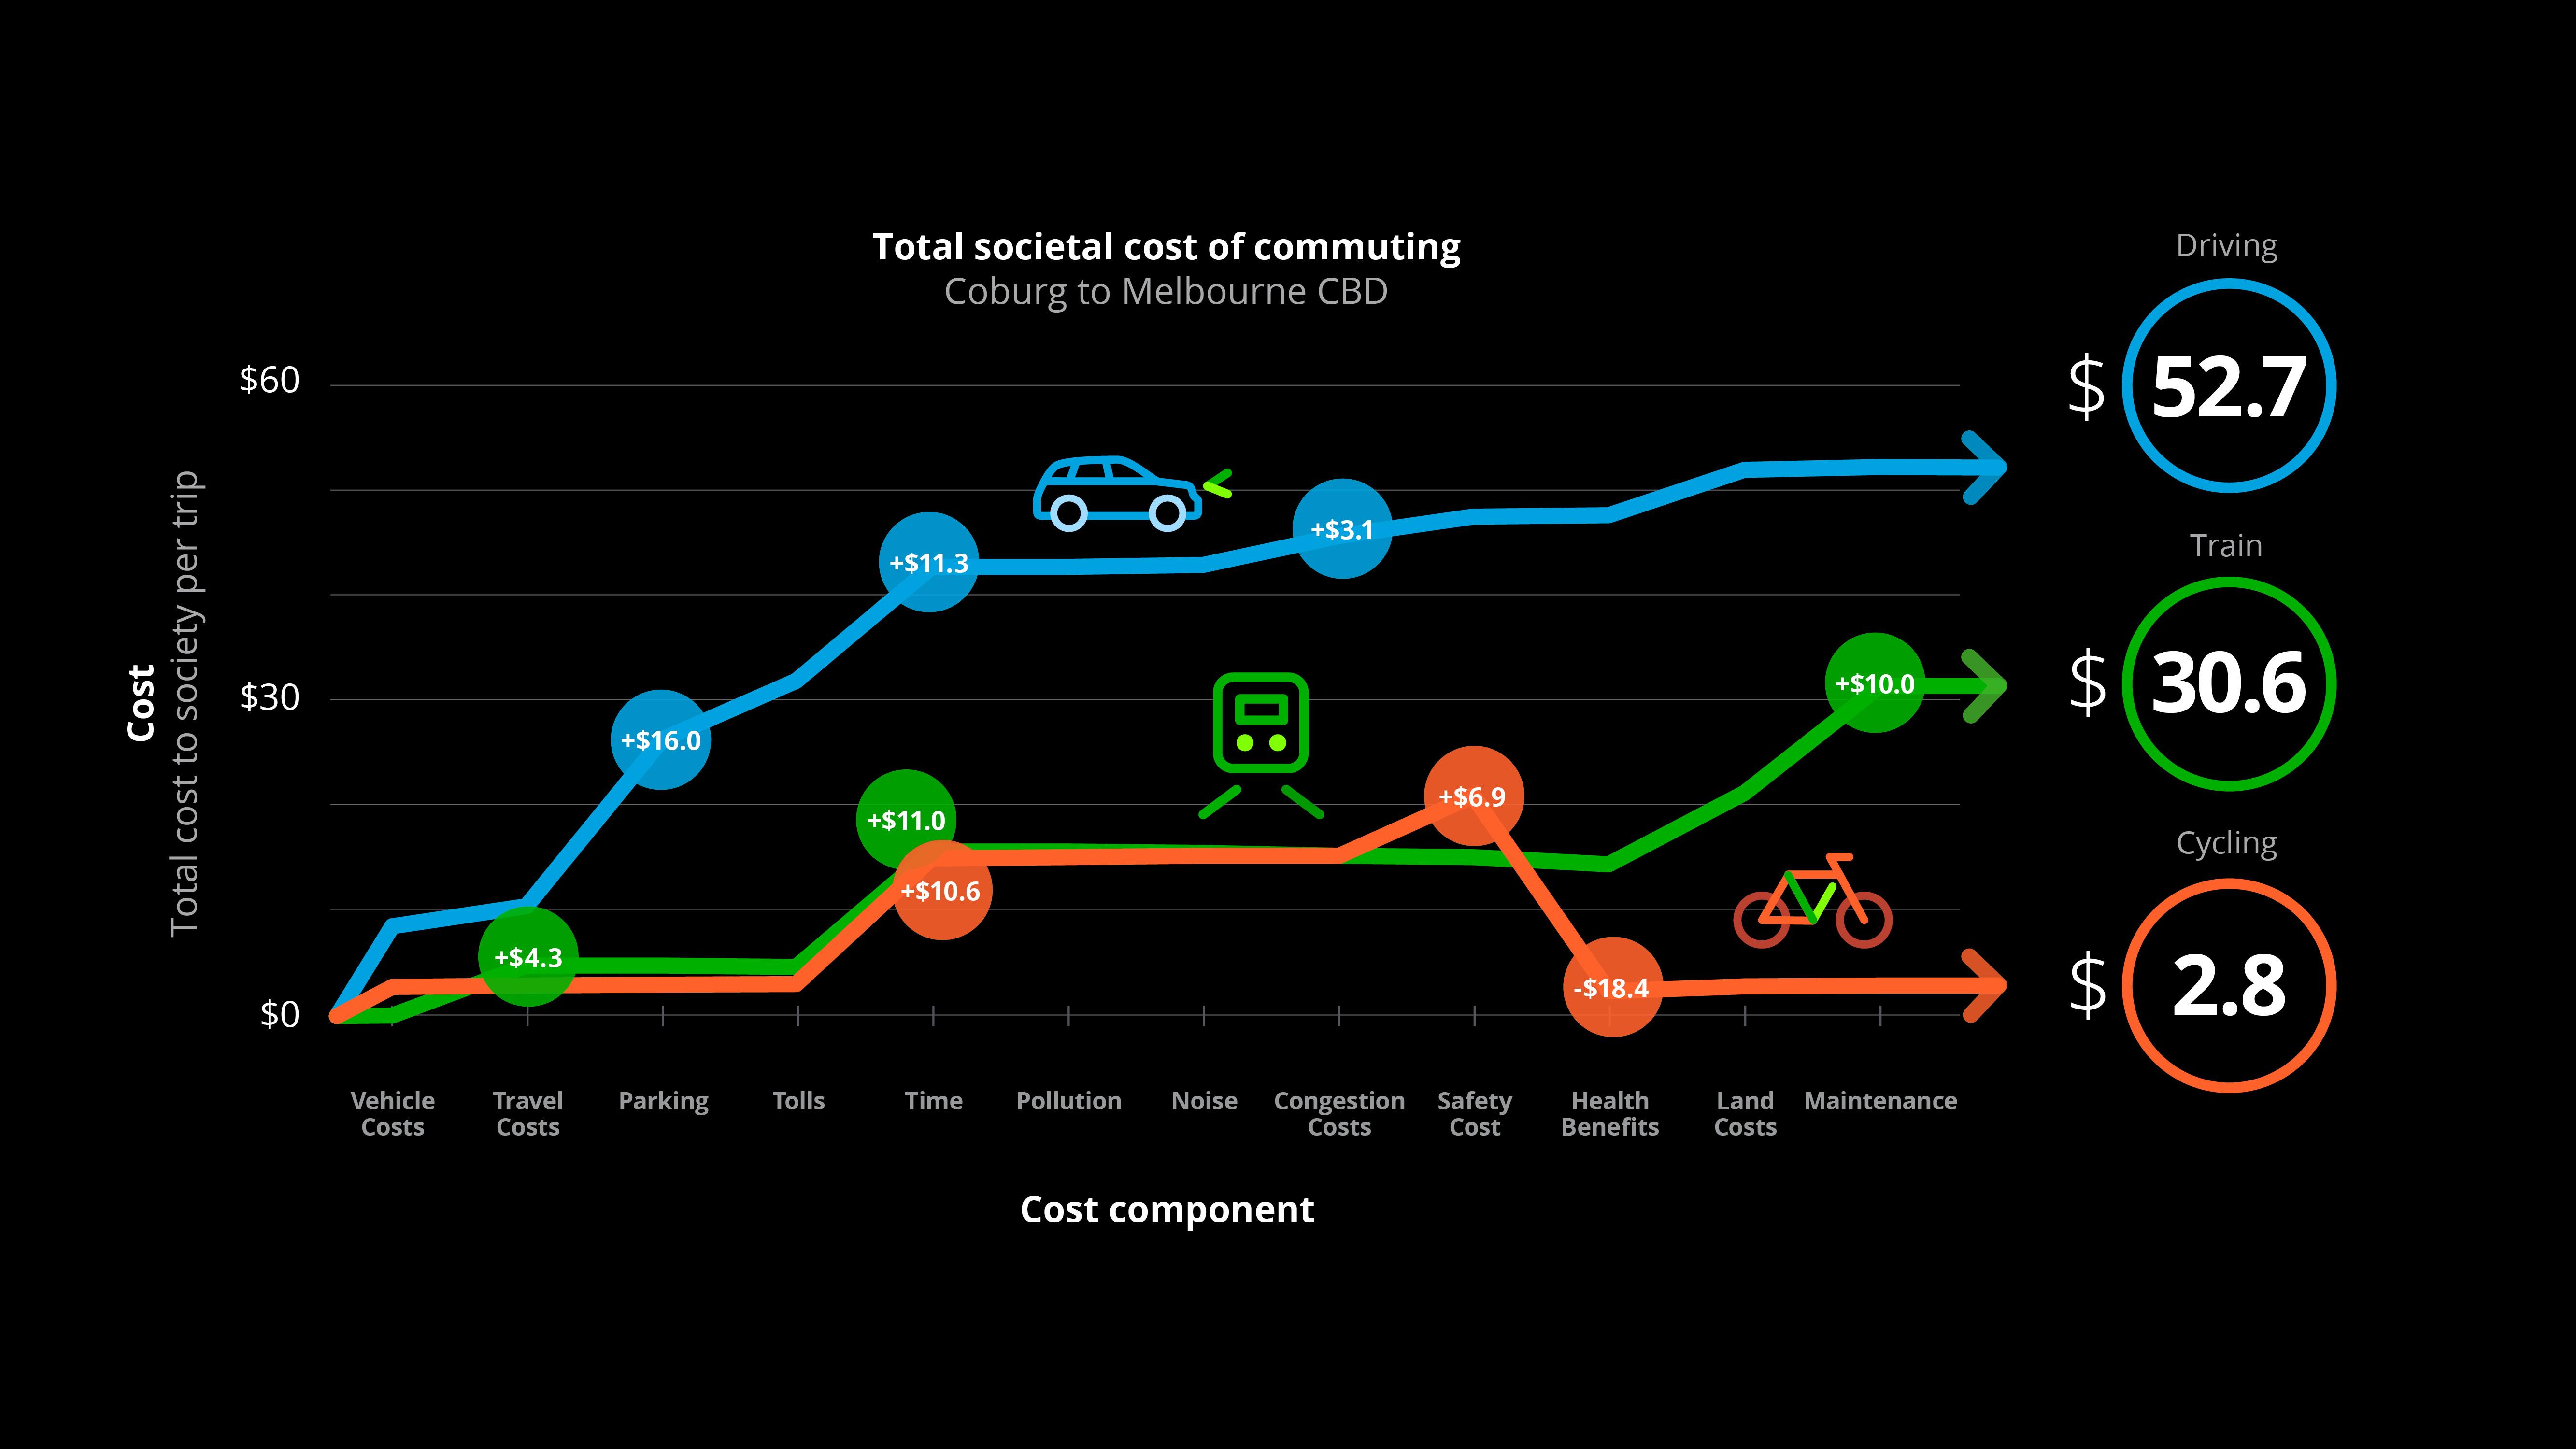 Total Societal Cost of Commuting Deloitte Melbourne.jpg